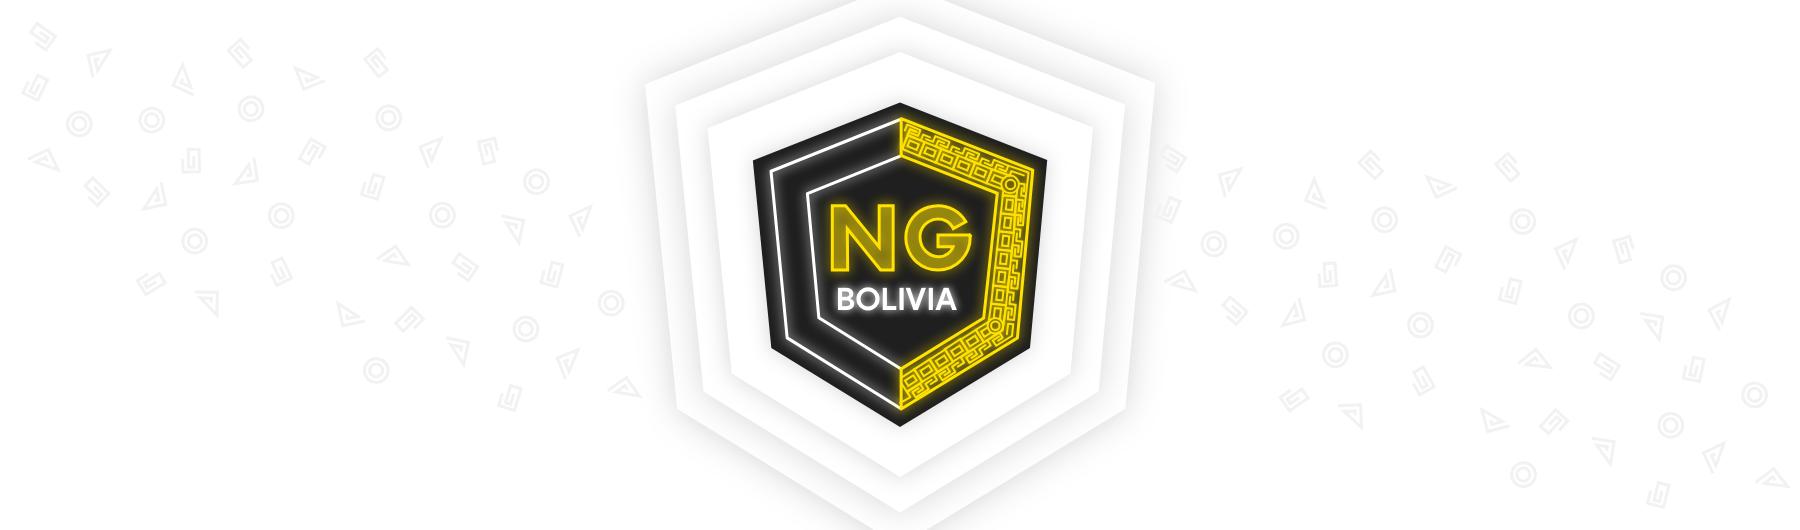 NG Bolivia Aug 23-24, 2019